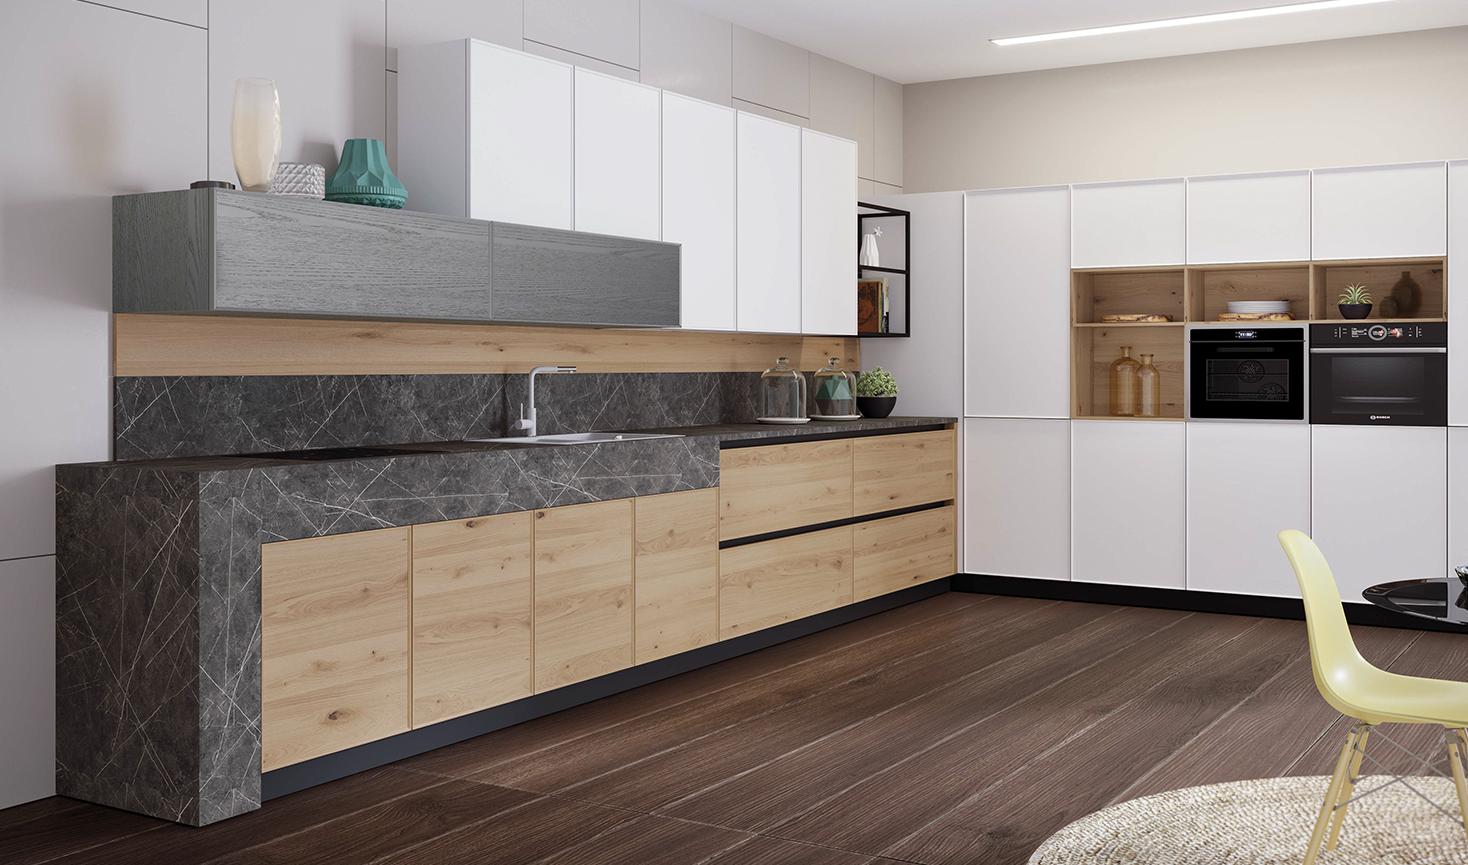 Muebles de cocina en La Rioja-KitchenTime25